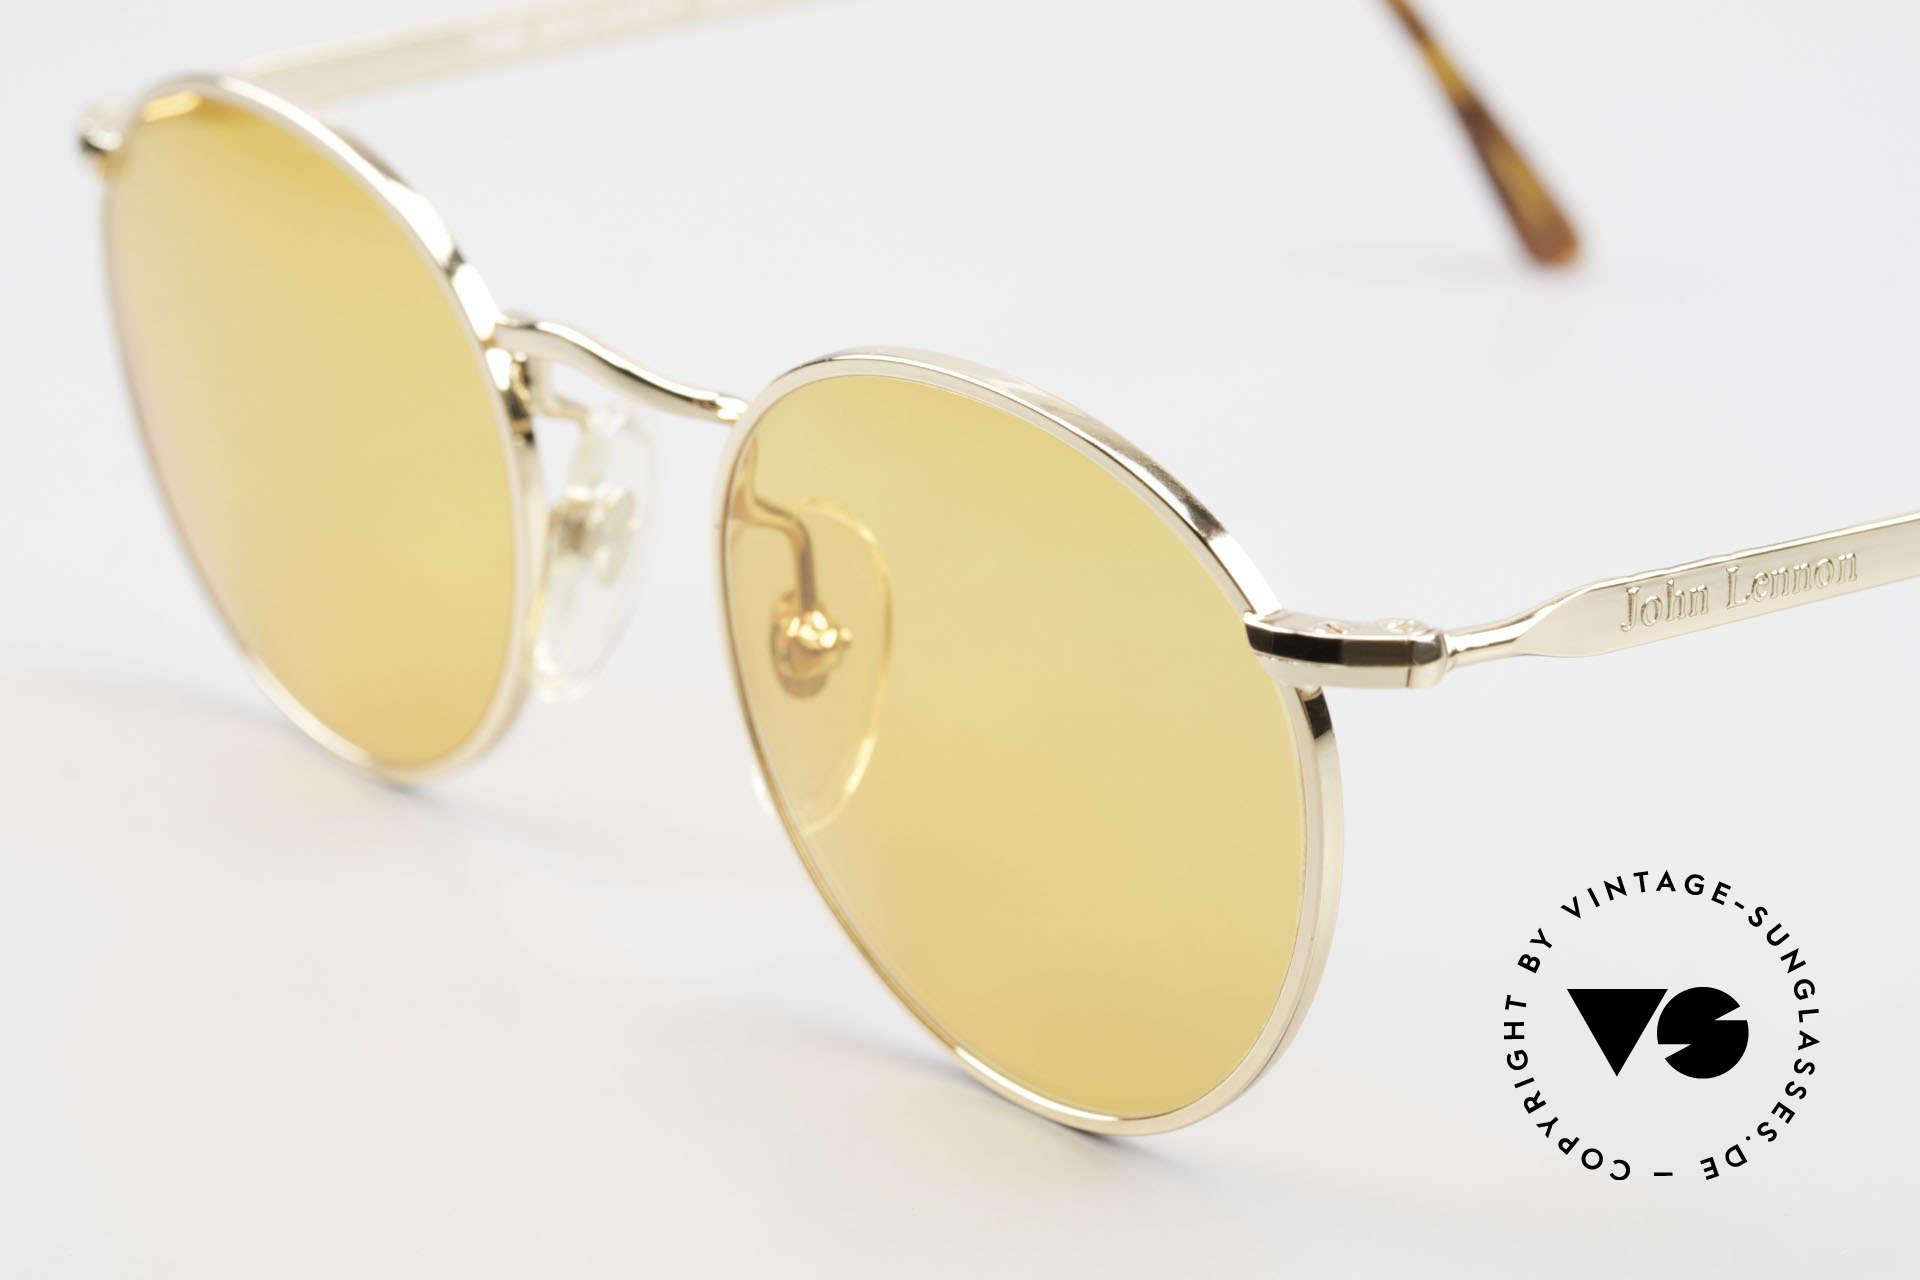 John Lennon - The Dreamer Sehr Kleine Runde Sonnenbrille, orange Gläser: auch abends / bei Dämmerung tragbar, Passend für Herren und Damen